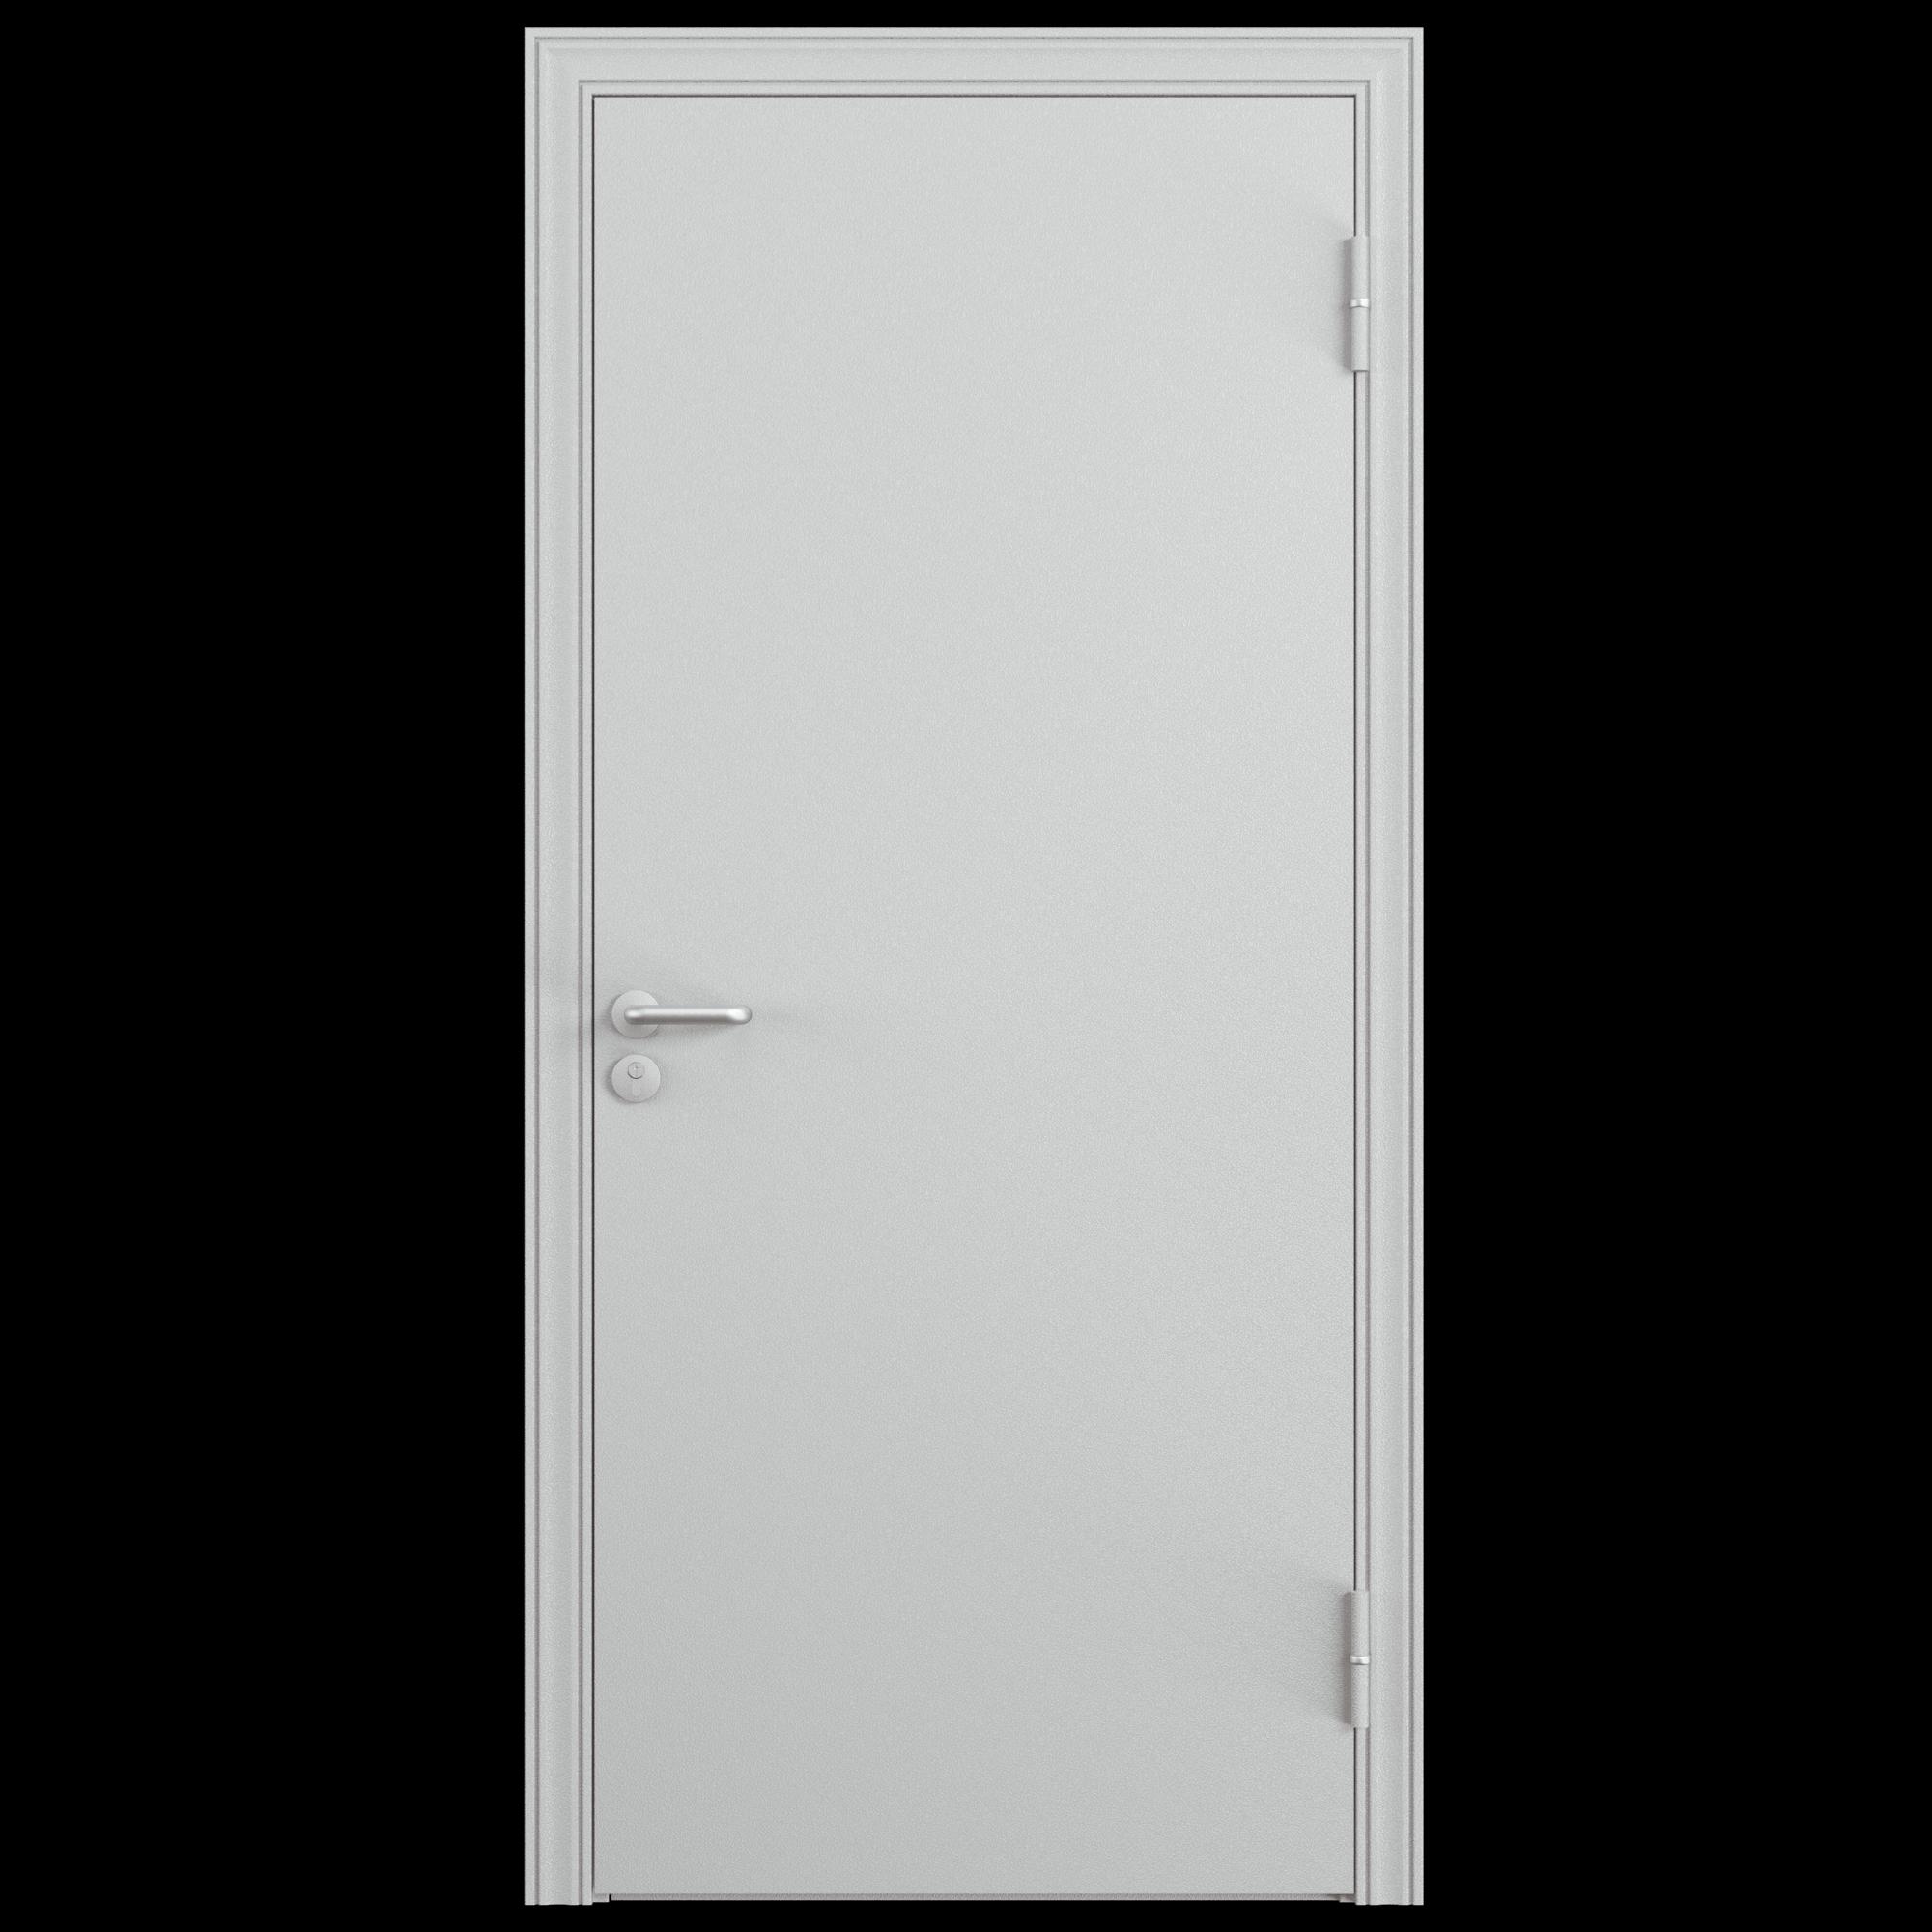 противопожарные двери от производителя стальных дверей Torex